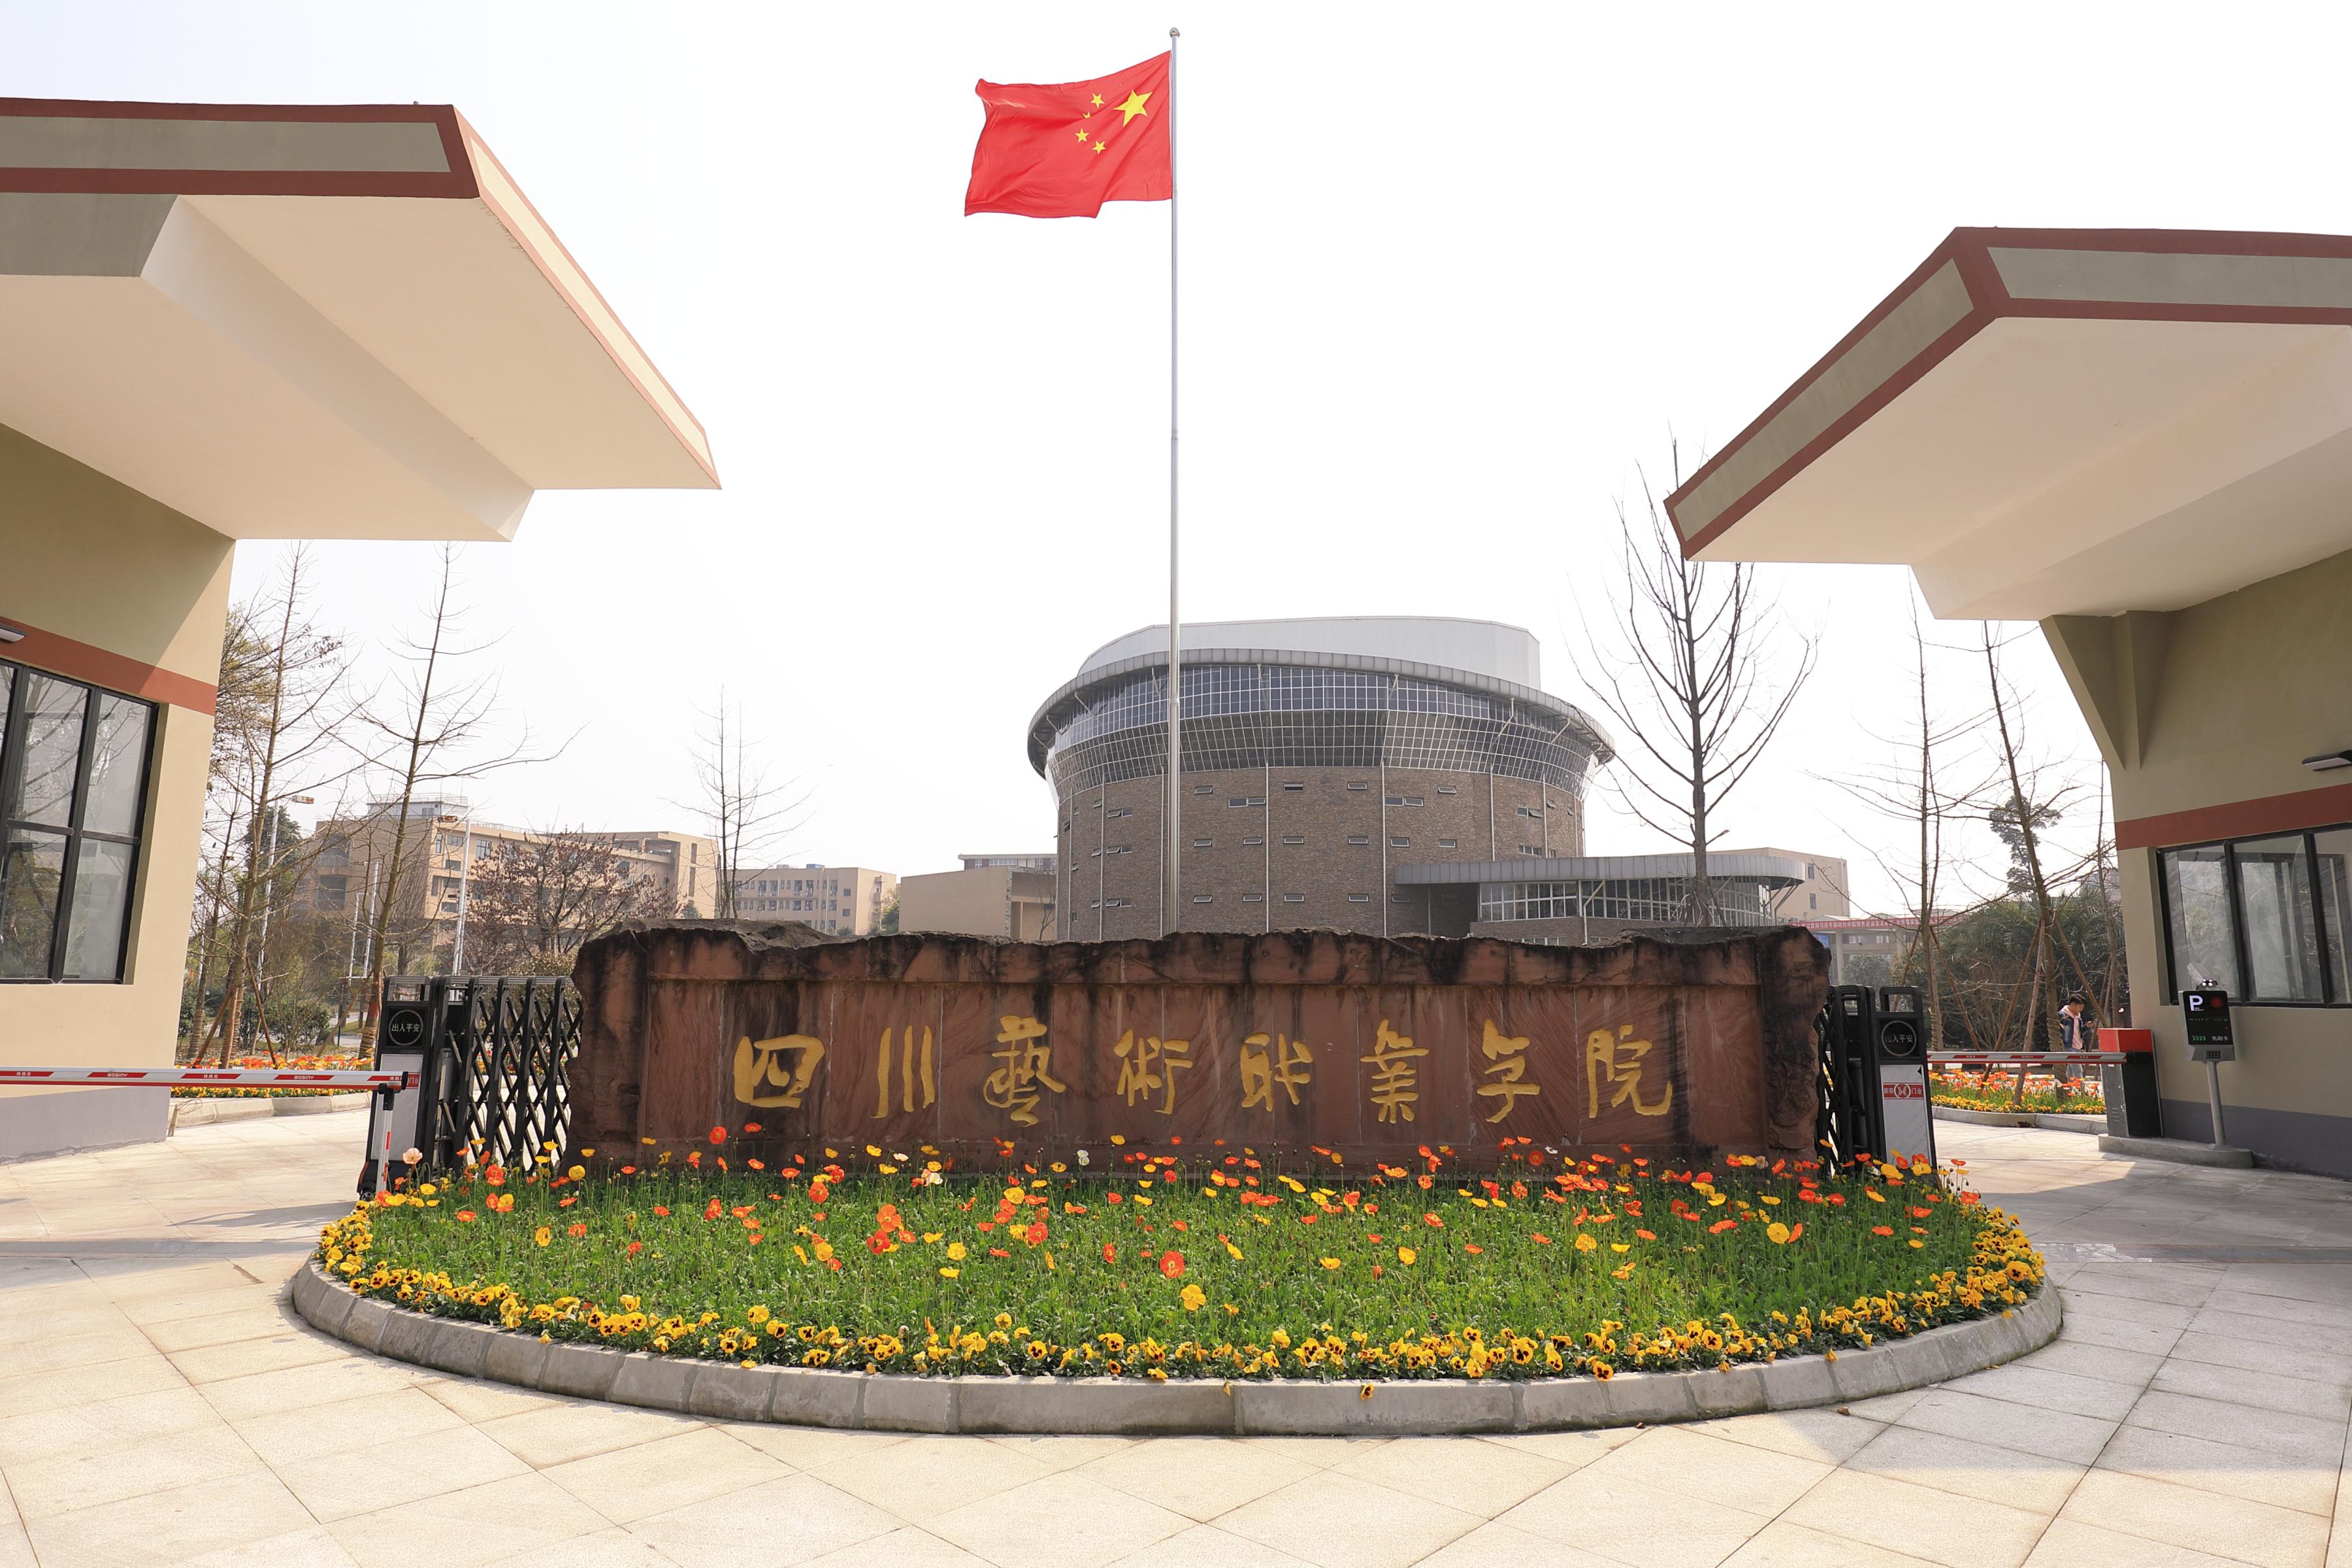 公辦全日制綜合性高等藝術職業院校,隸屬四川省文化和旅游廳